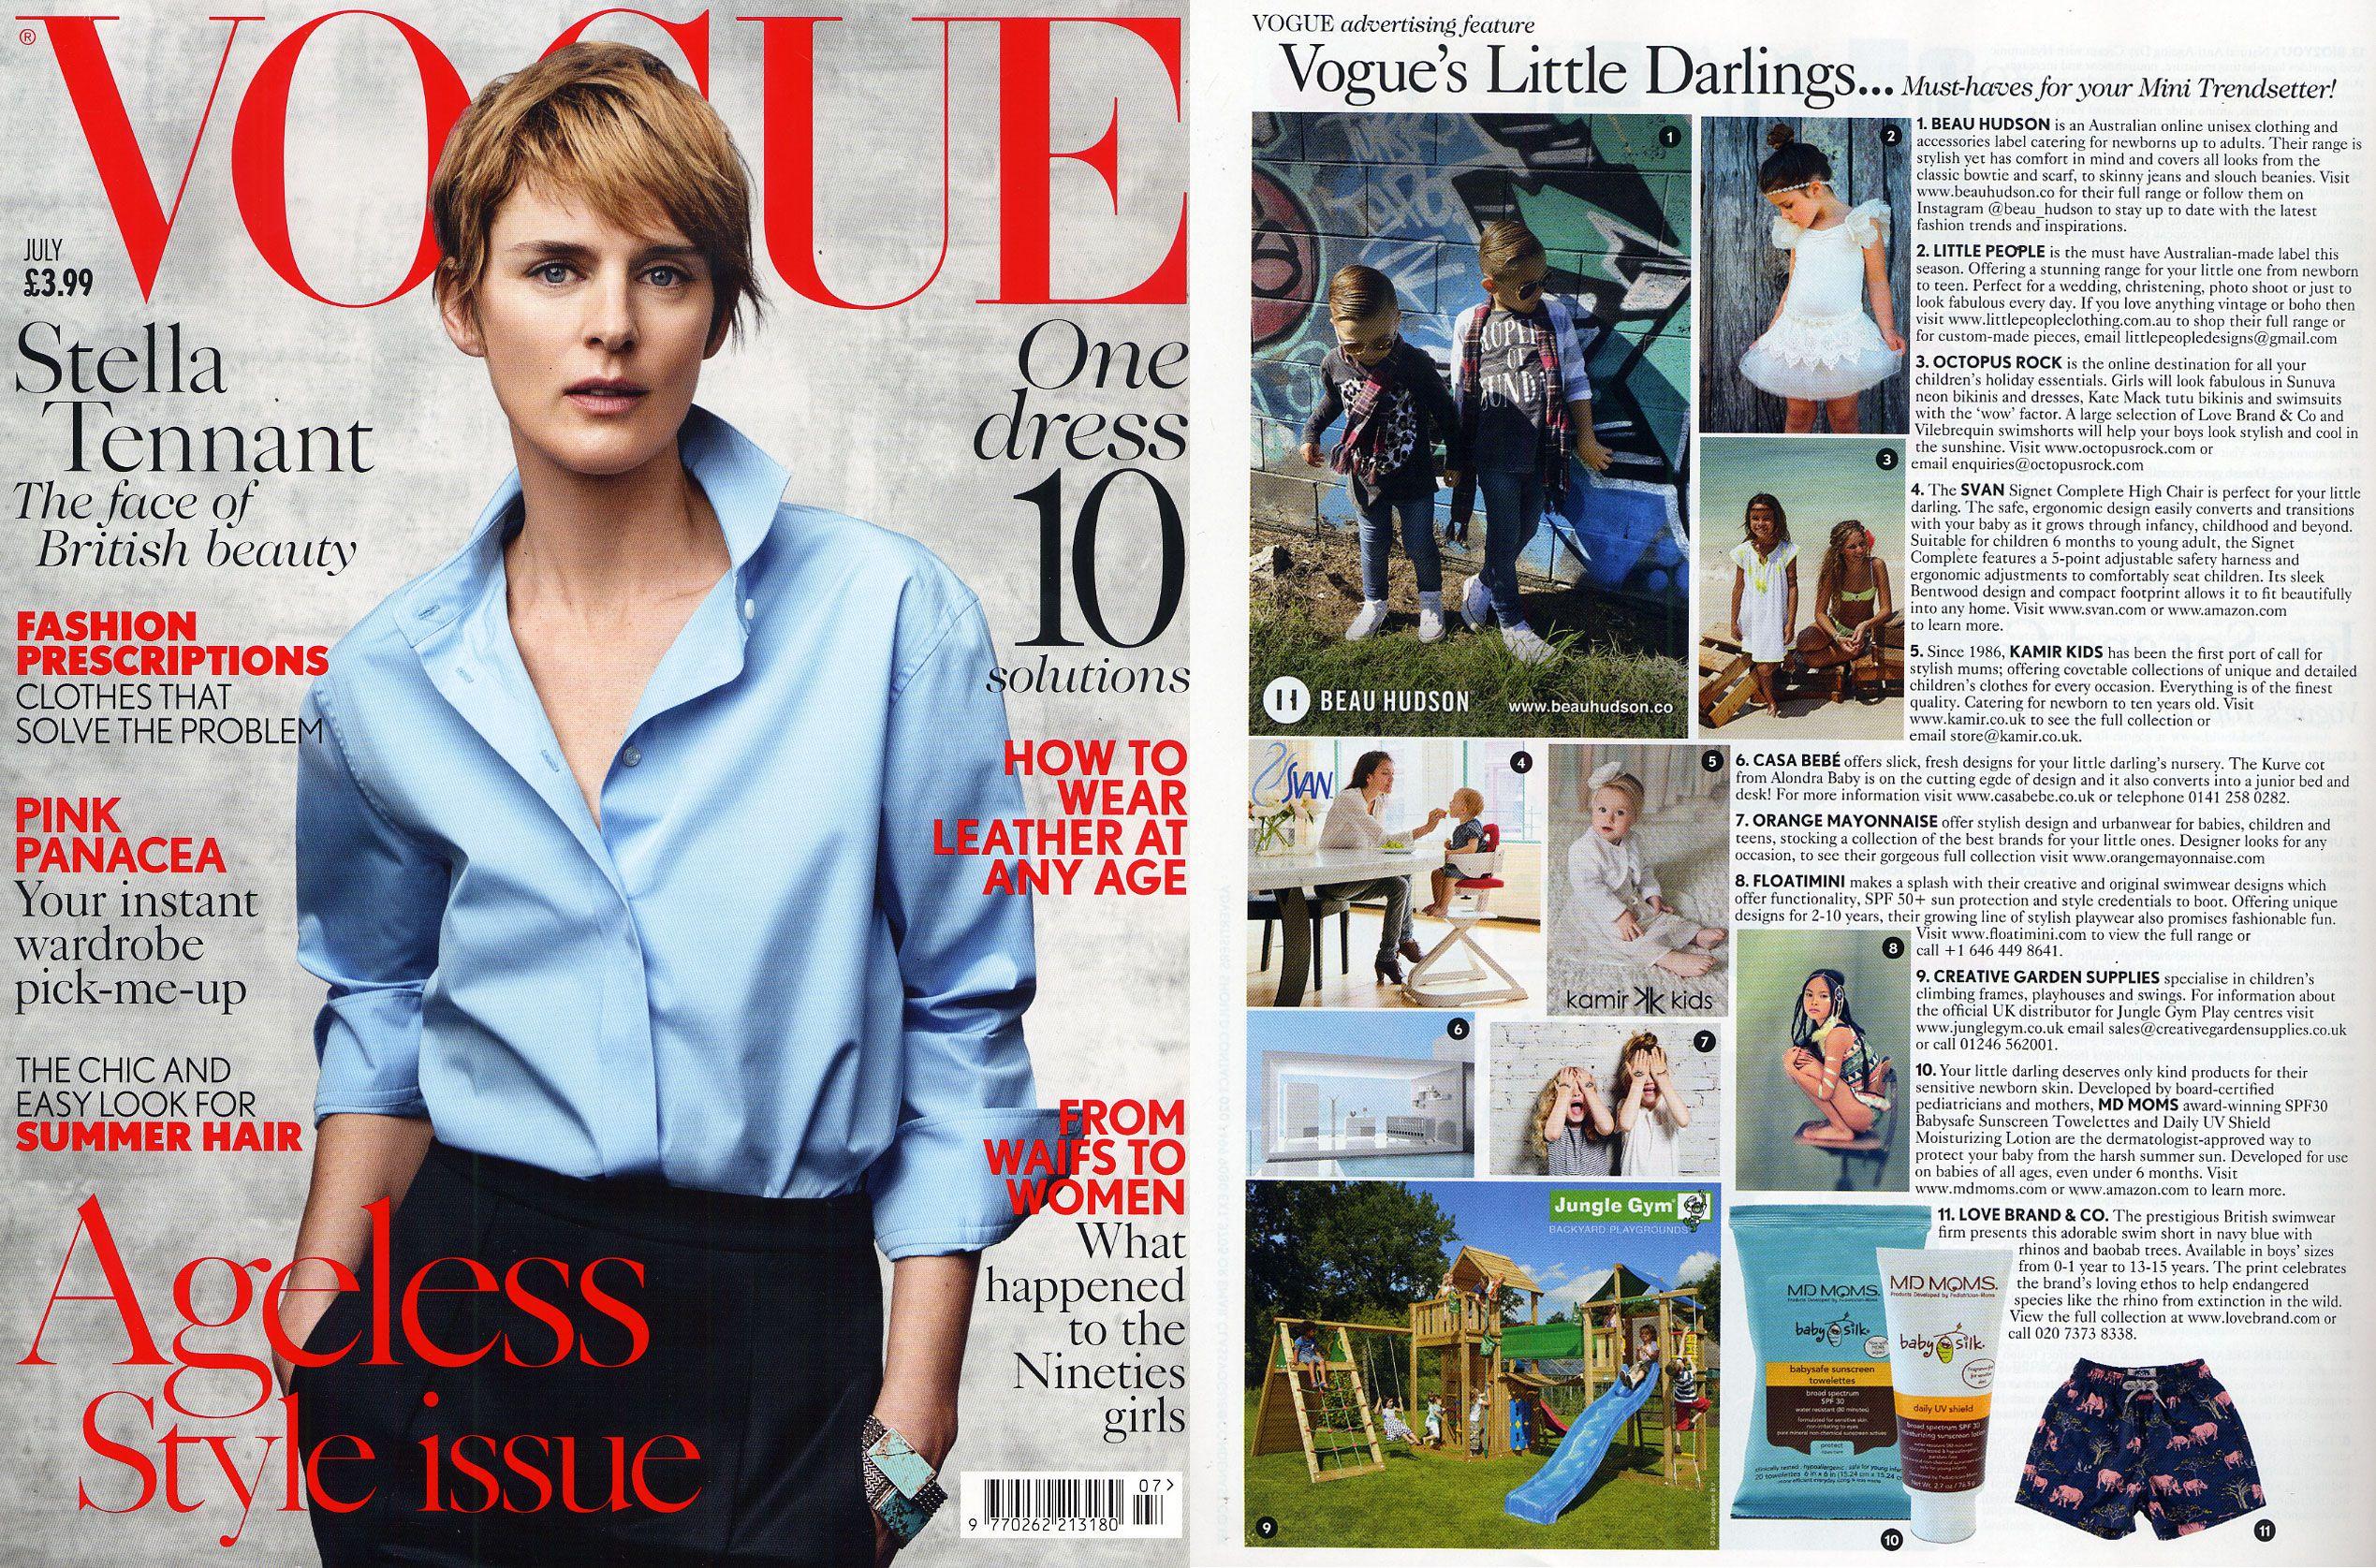 La Habitaci N Premium Kurve De Alondra En La Revista De Moda Vogue  # Muebles Doo Beograd